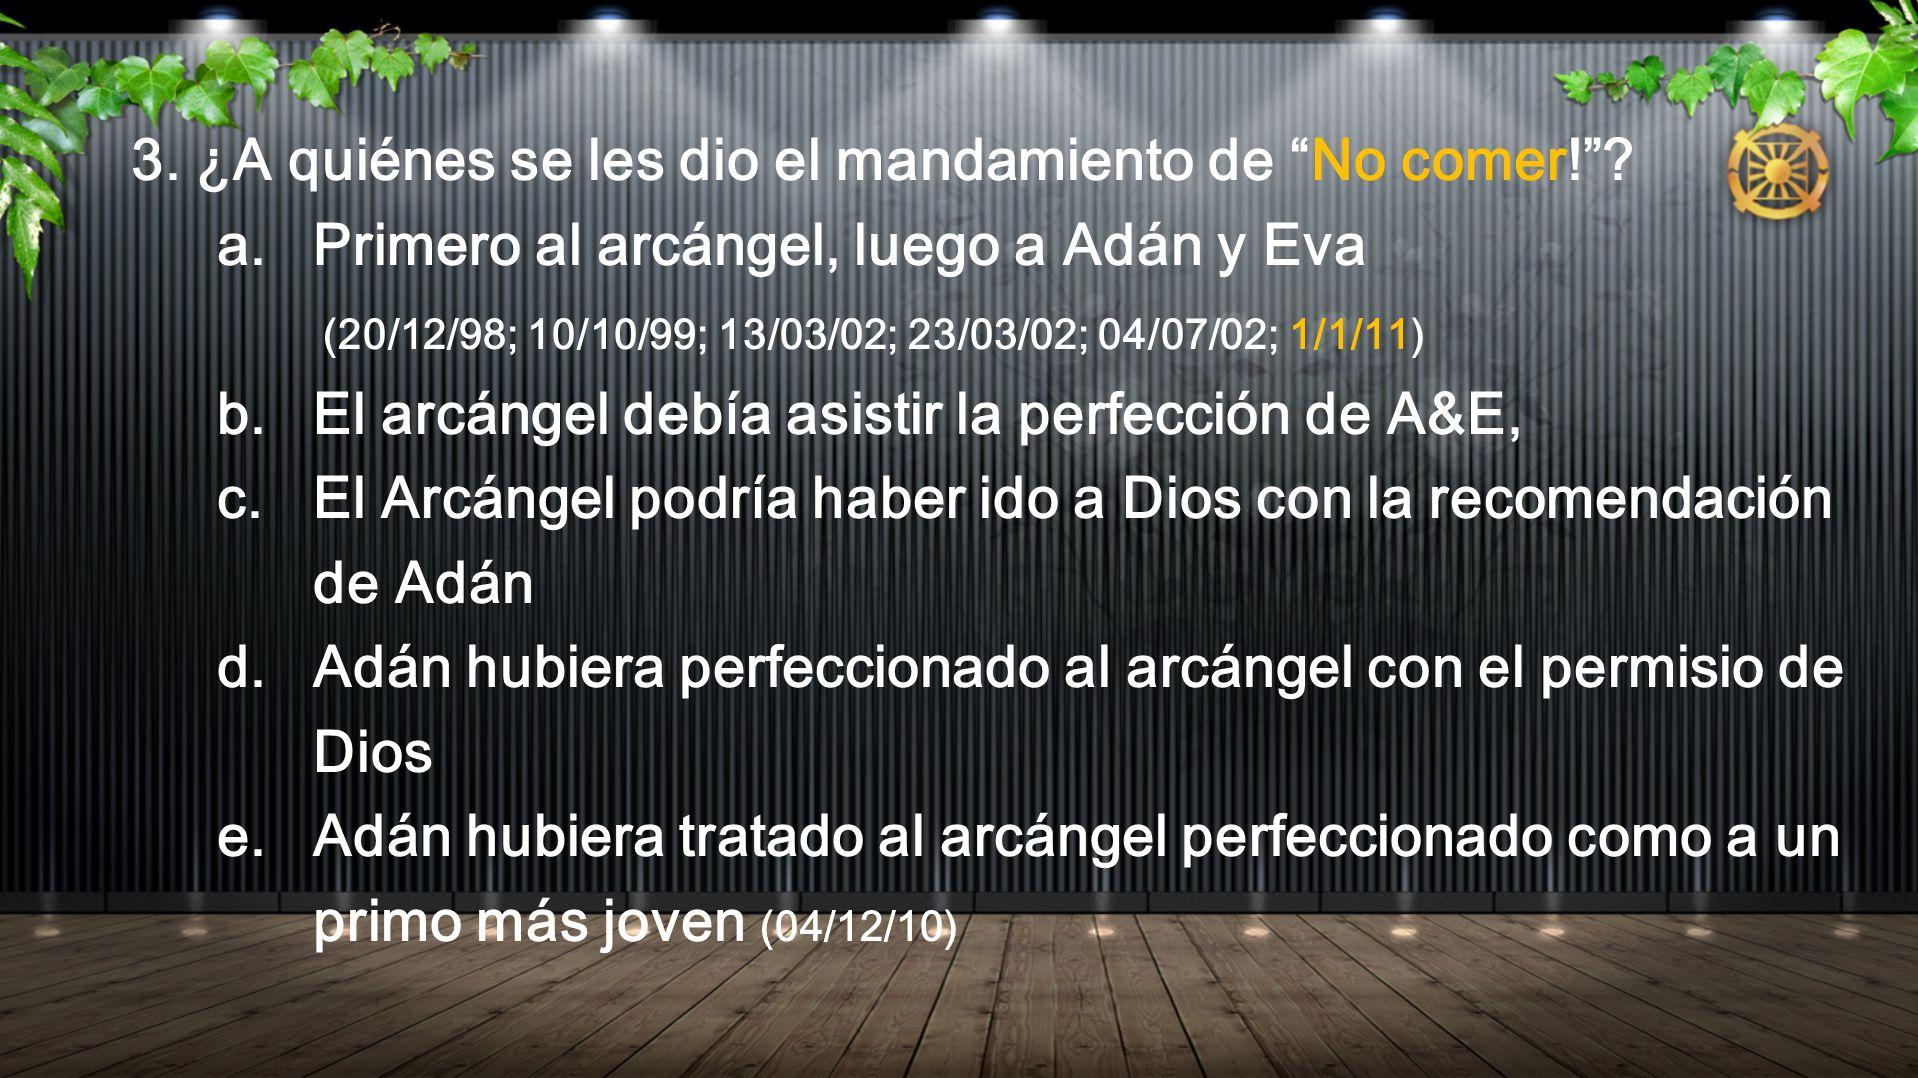 3. ¿A quiénes se les dio el mandamiento de No comer!? a. Primero al arcángel, luego a Adán y Eva (20/12/98; 10/10/99; 13/03/02; 23/03/02; 04/07/02; 1/